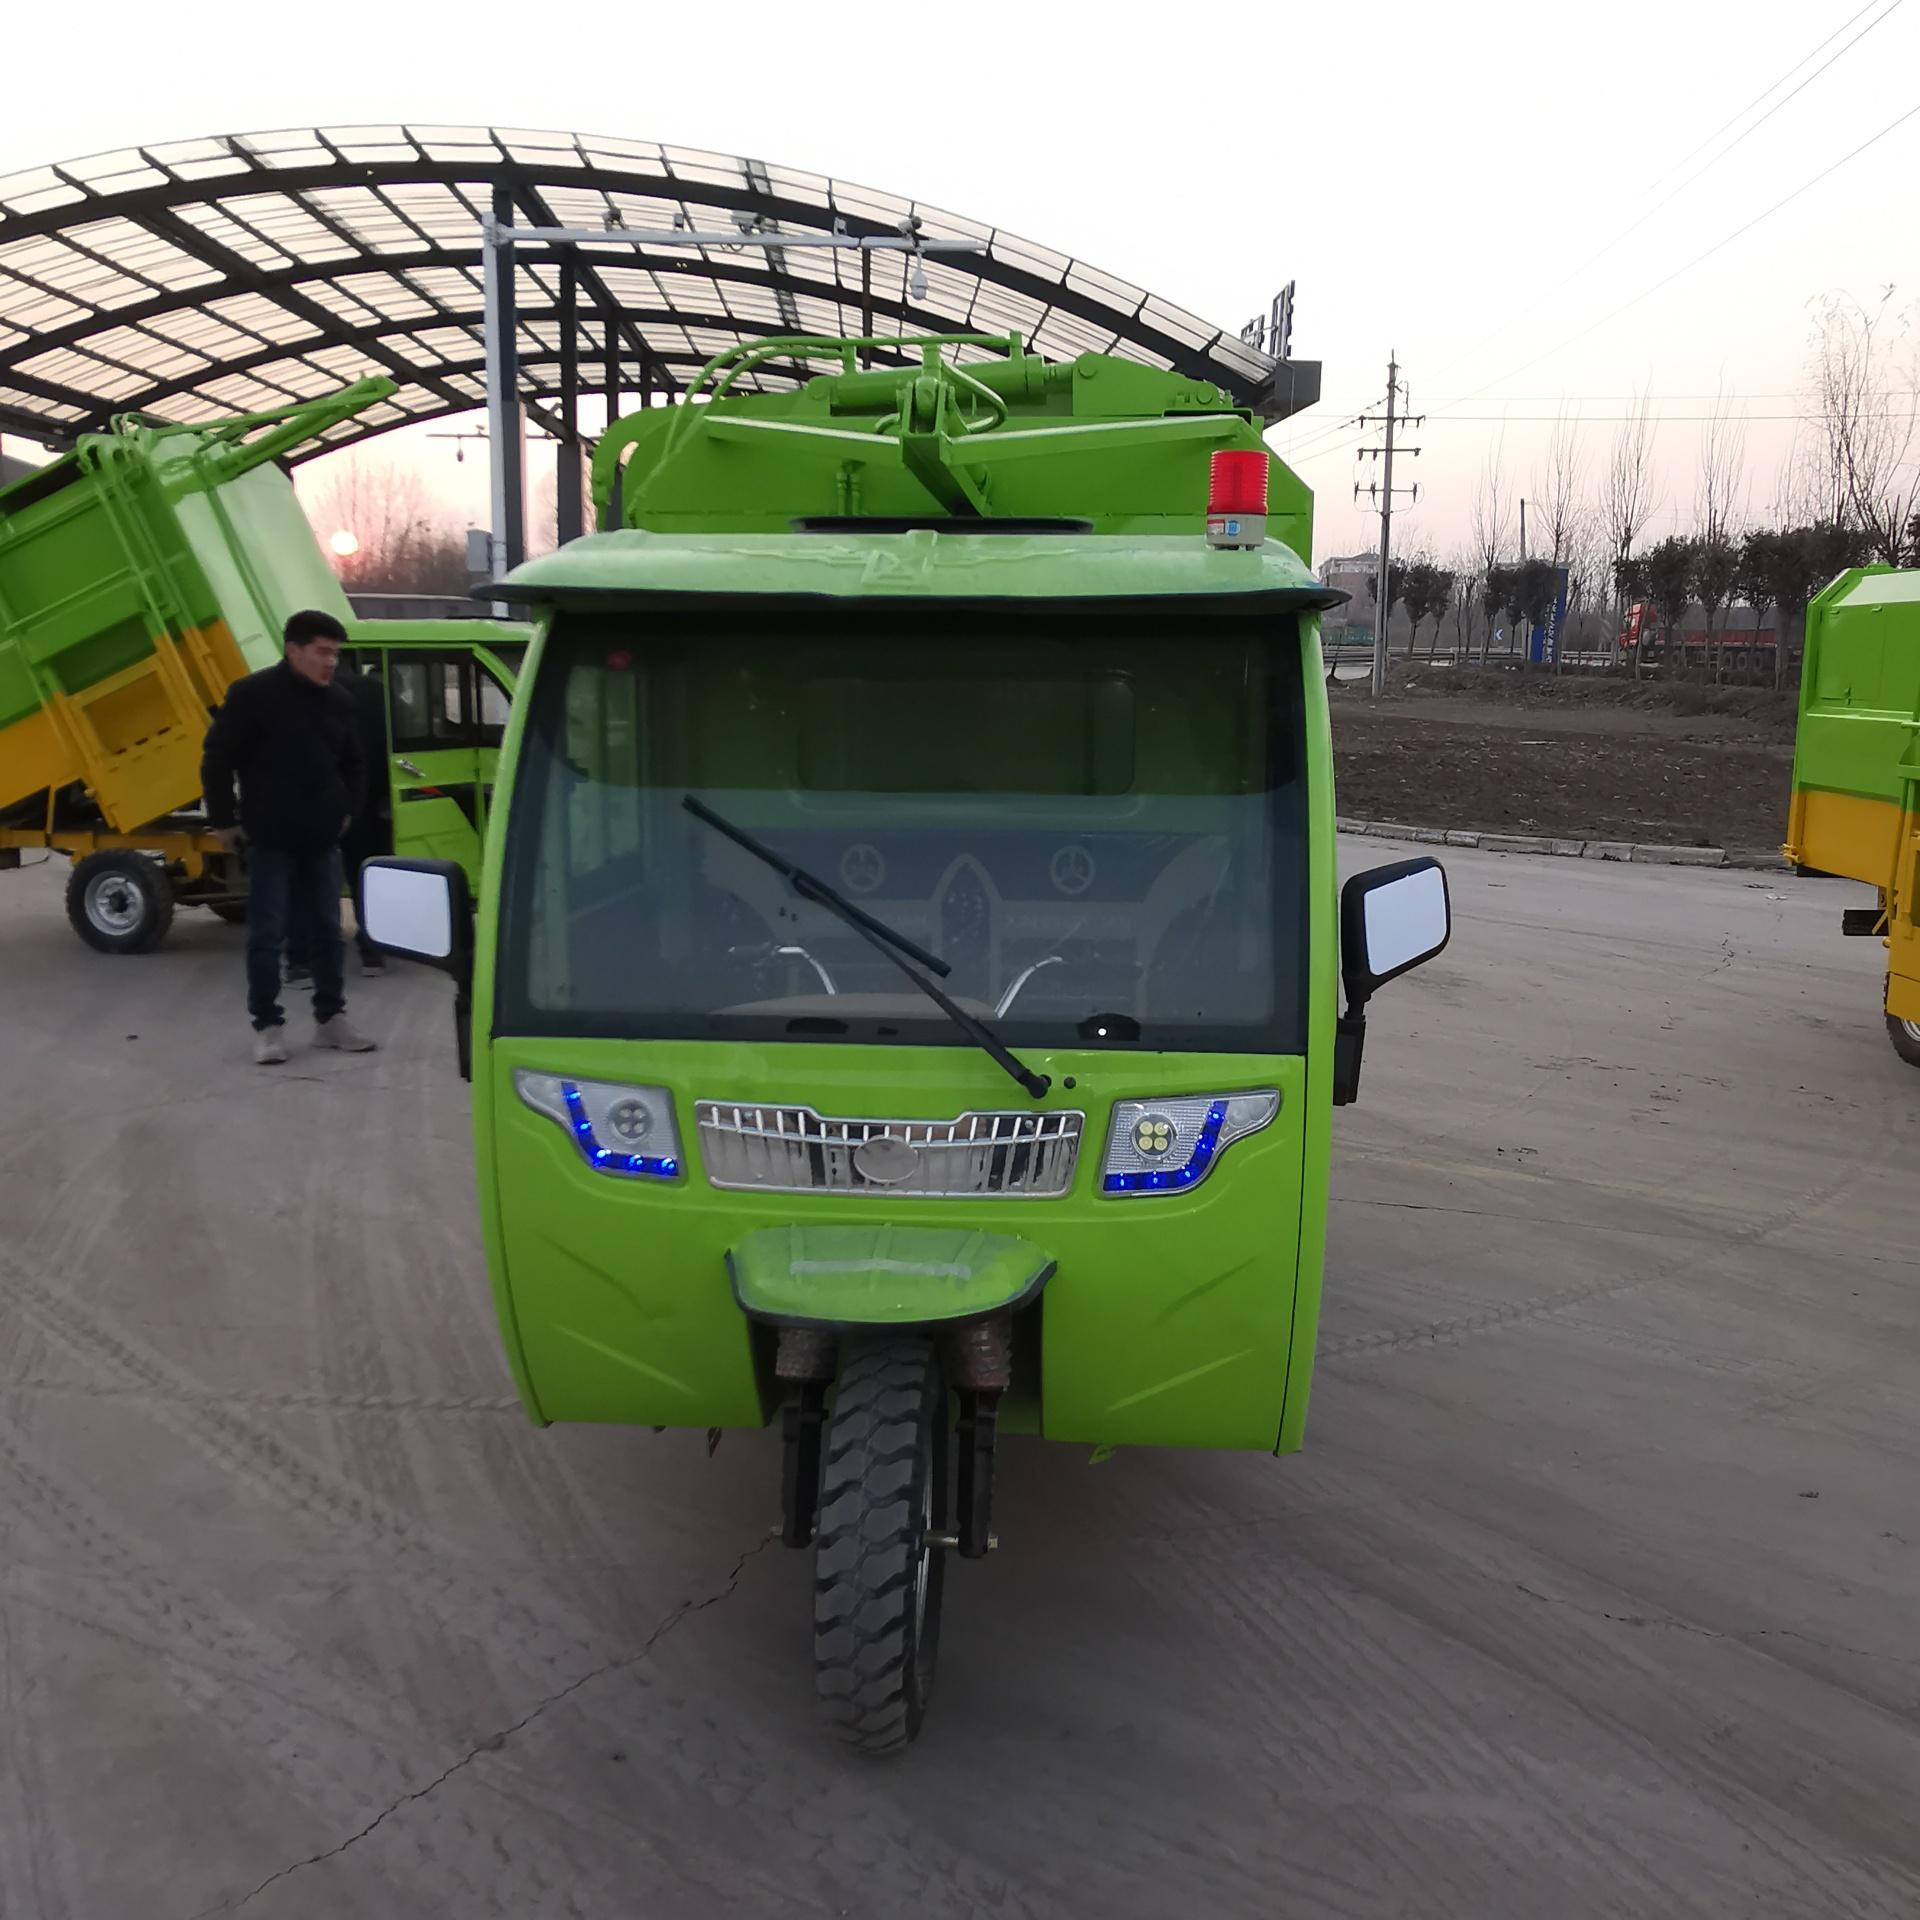 电动挂桶垃圾车 小区物业垃圾清运车 电动拉垃圾车 正谦 质量可靠示例图1